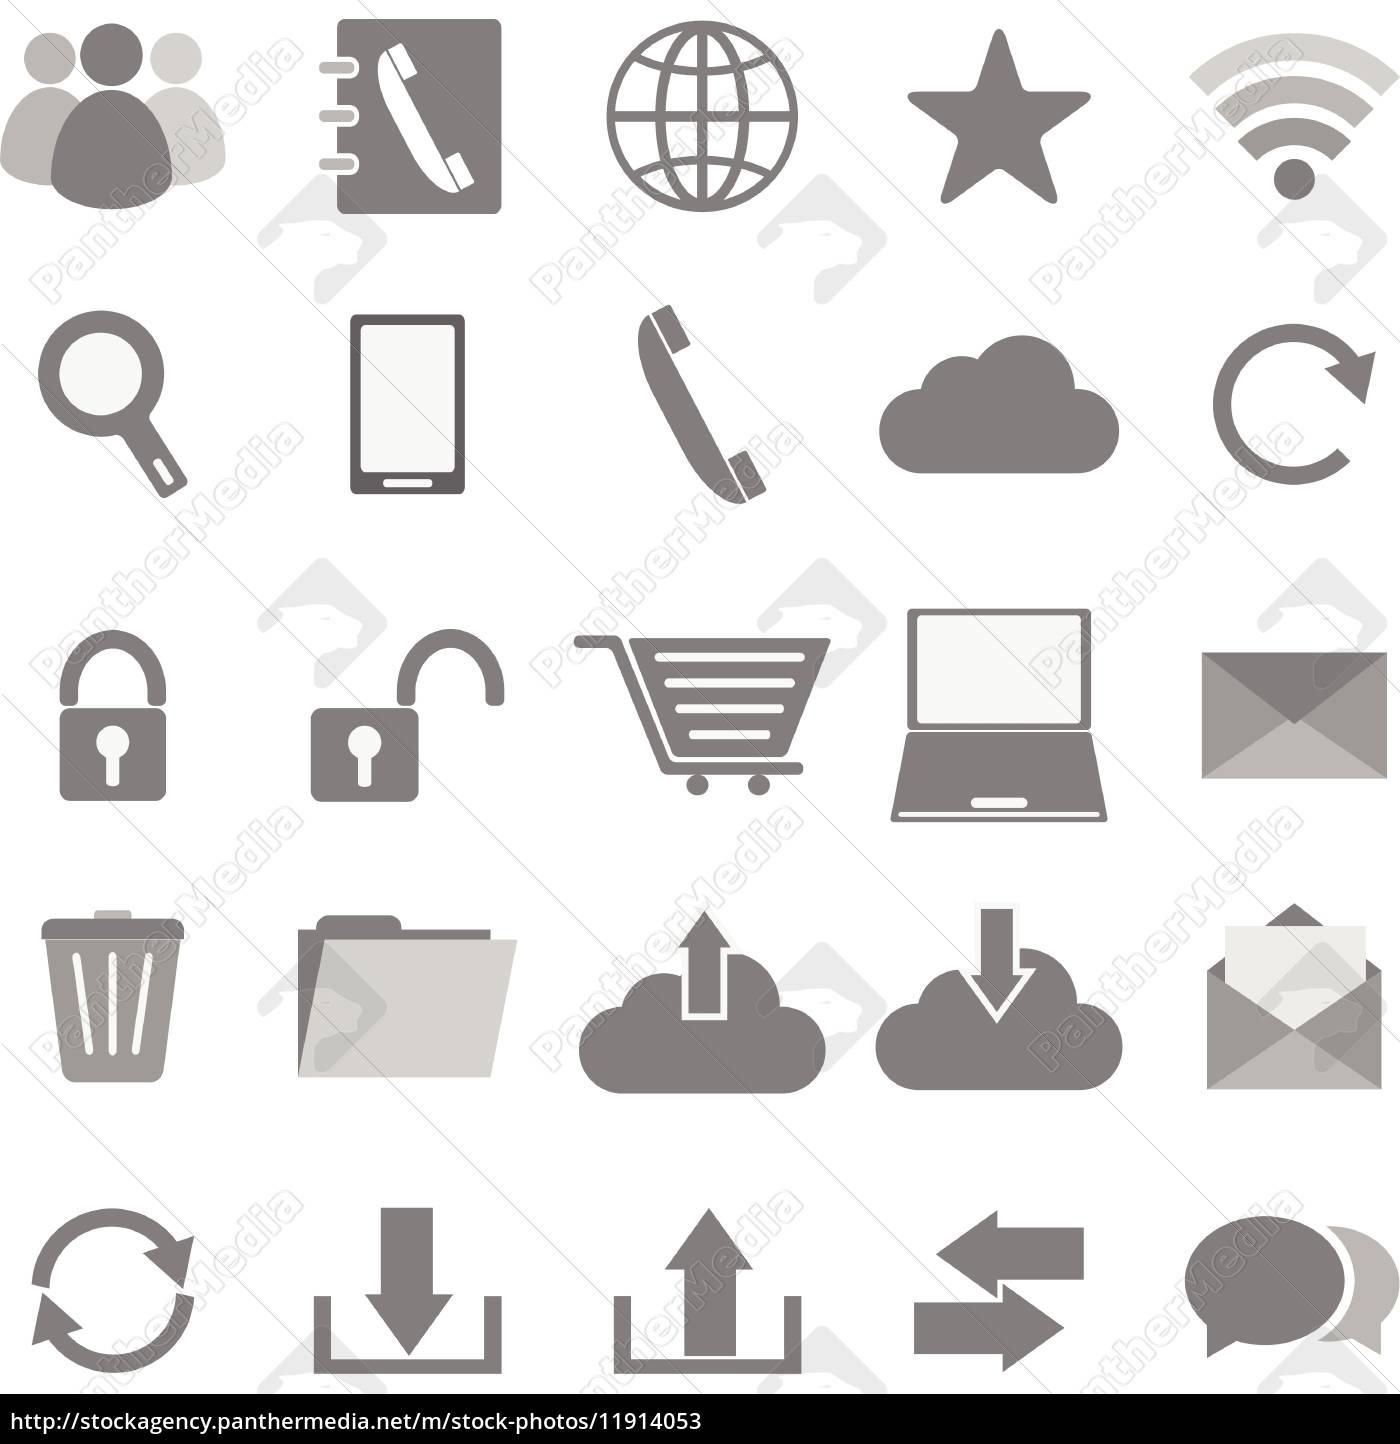 kommunikation symbole auf wei em hintergrund stockfoto 11914053 bildagentur panthermedia. Black Bedroom Furniture Sets. Home Design Ideas